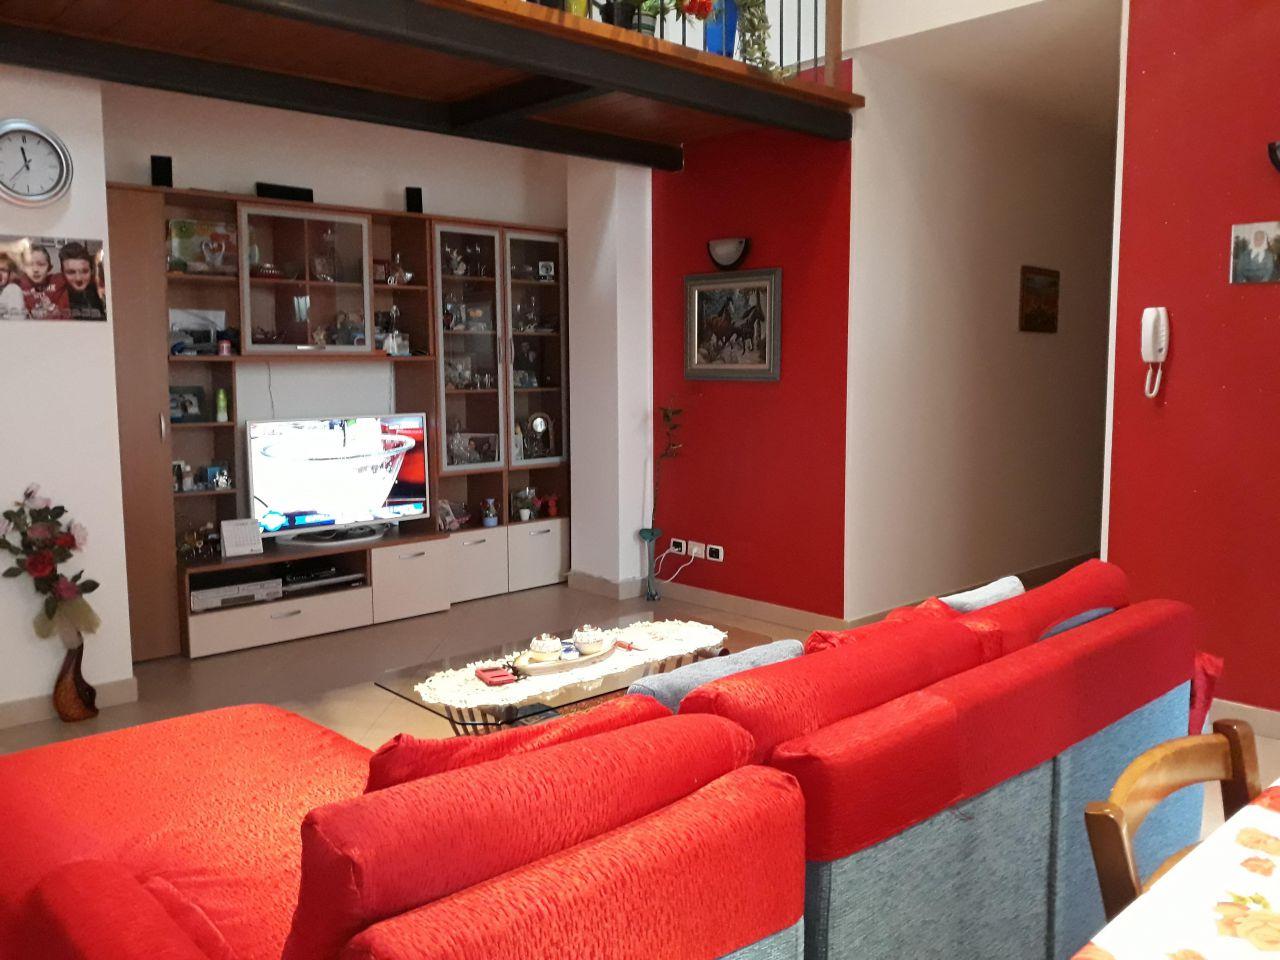 Appartamento in vendita a Gatteo, 3 locali, prezzo € 150.000 | CambioCasa.it